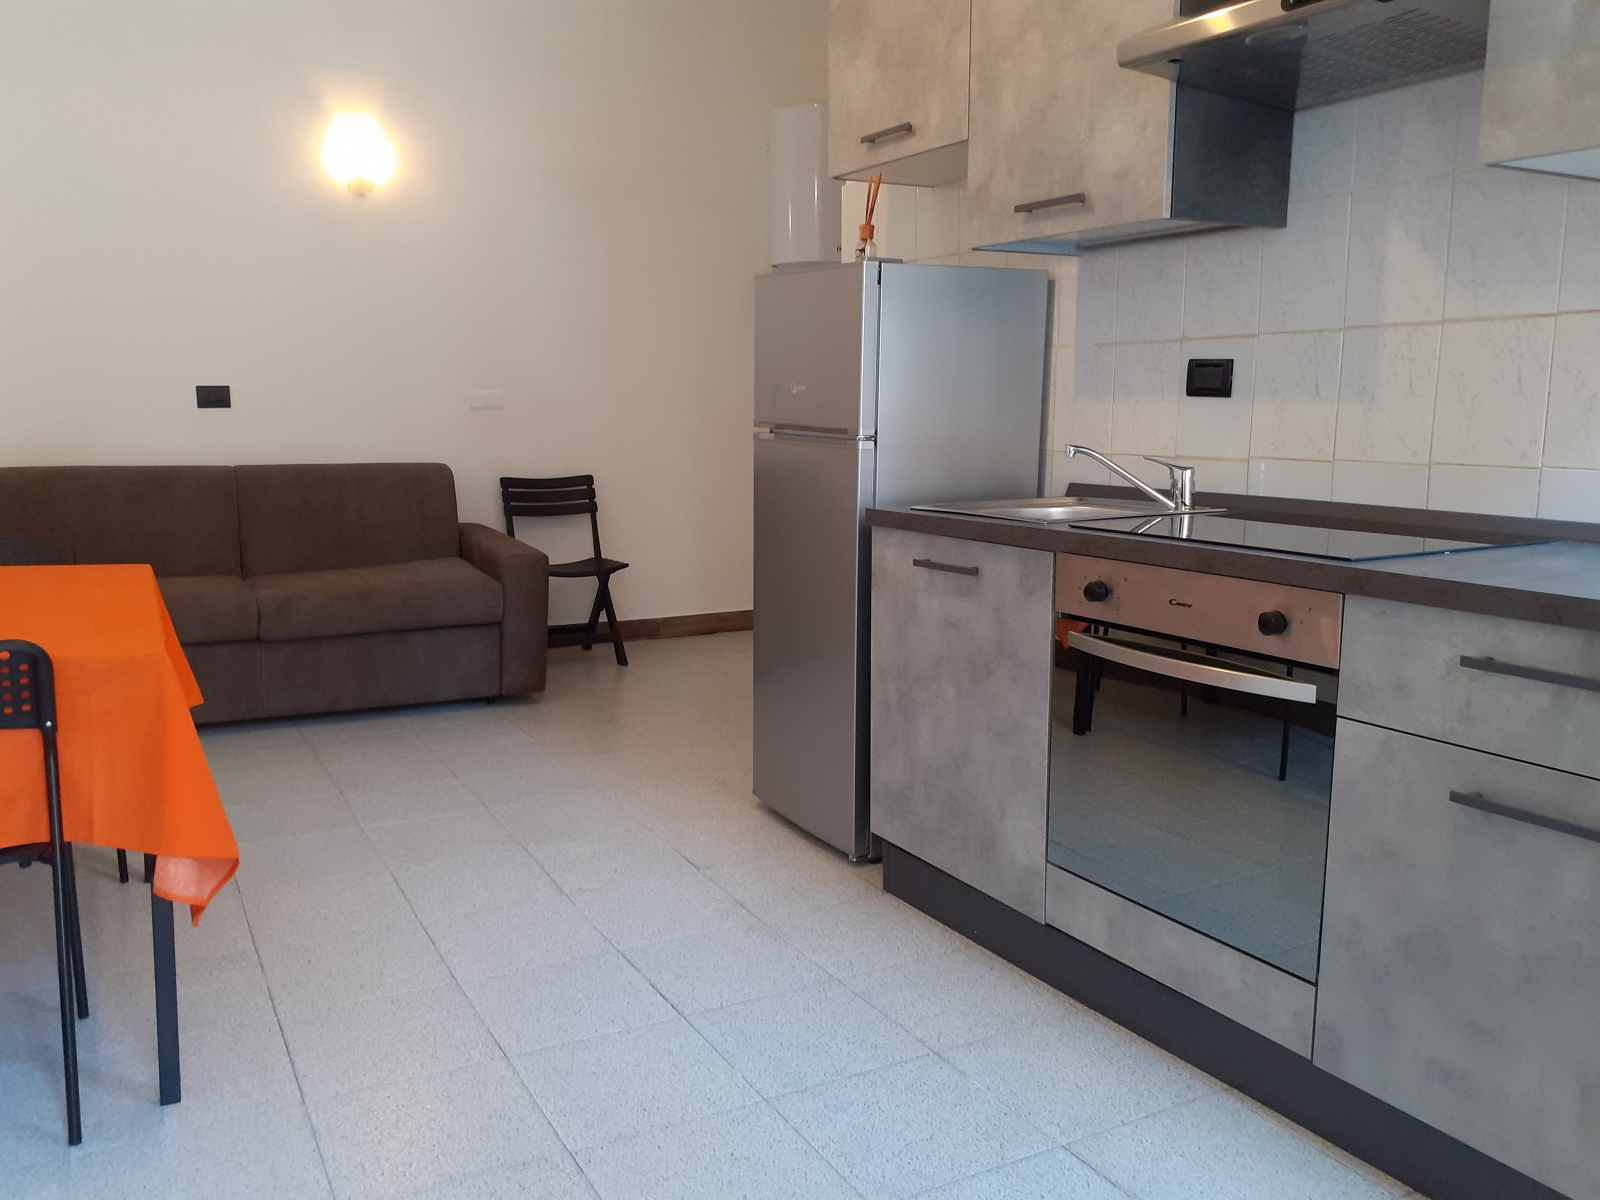 appartamento-in-vendita-a-baggio-milano-monolocale-65.000-euro-spaziourbano-immobiliare-vende-9